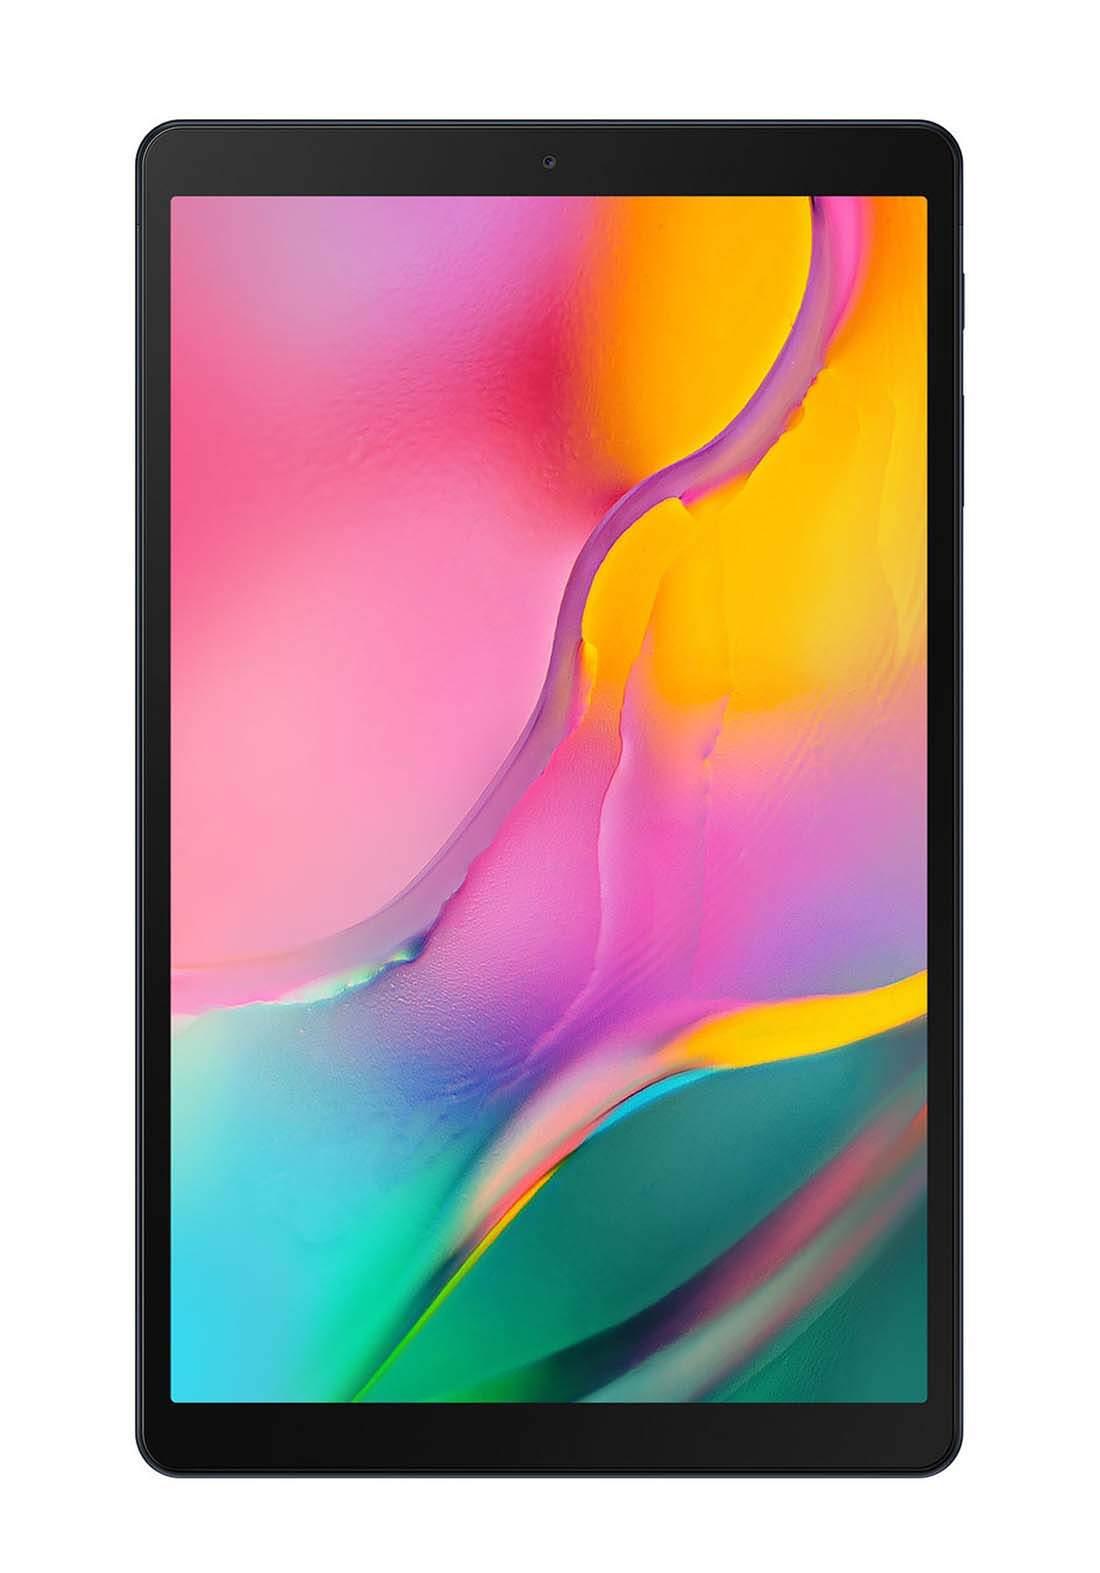 Samsung Galaxy Tab A T510  - Wifi - 2 GB - 32GB - Black